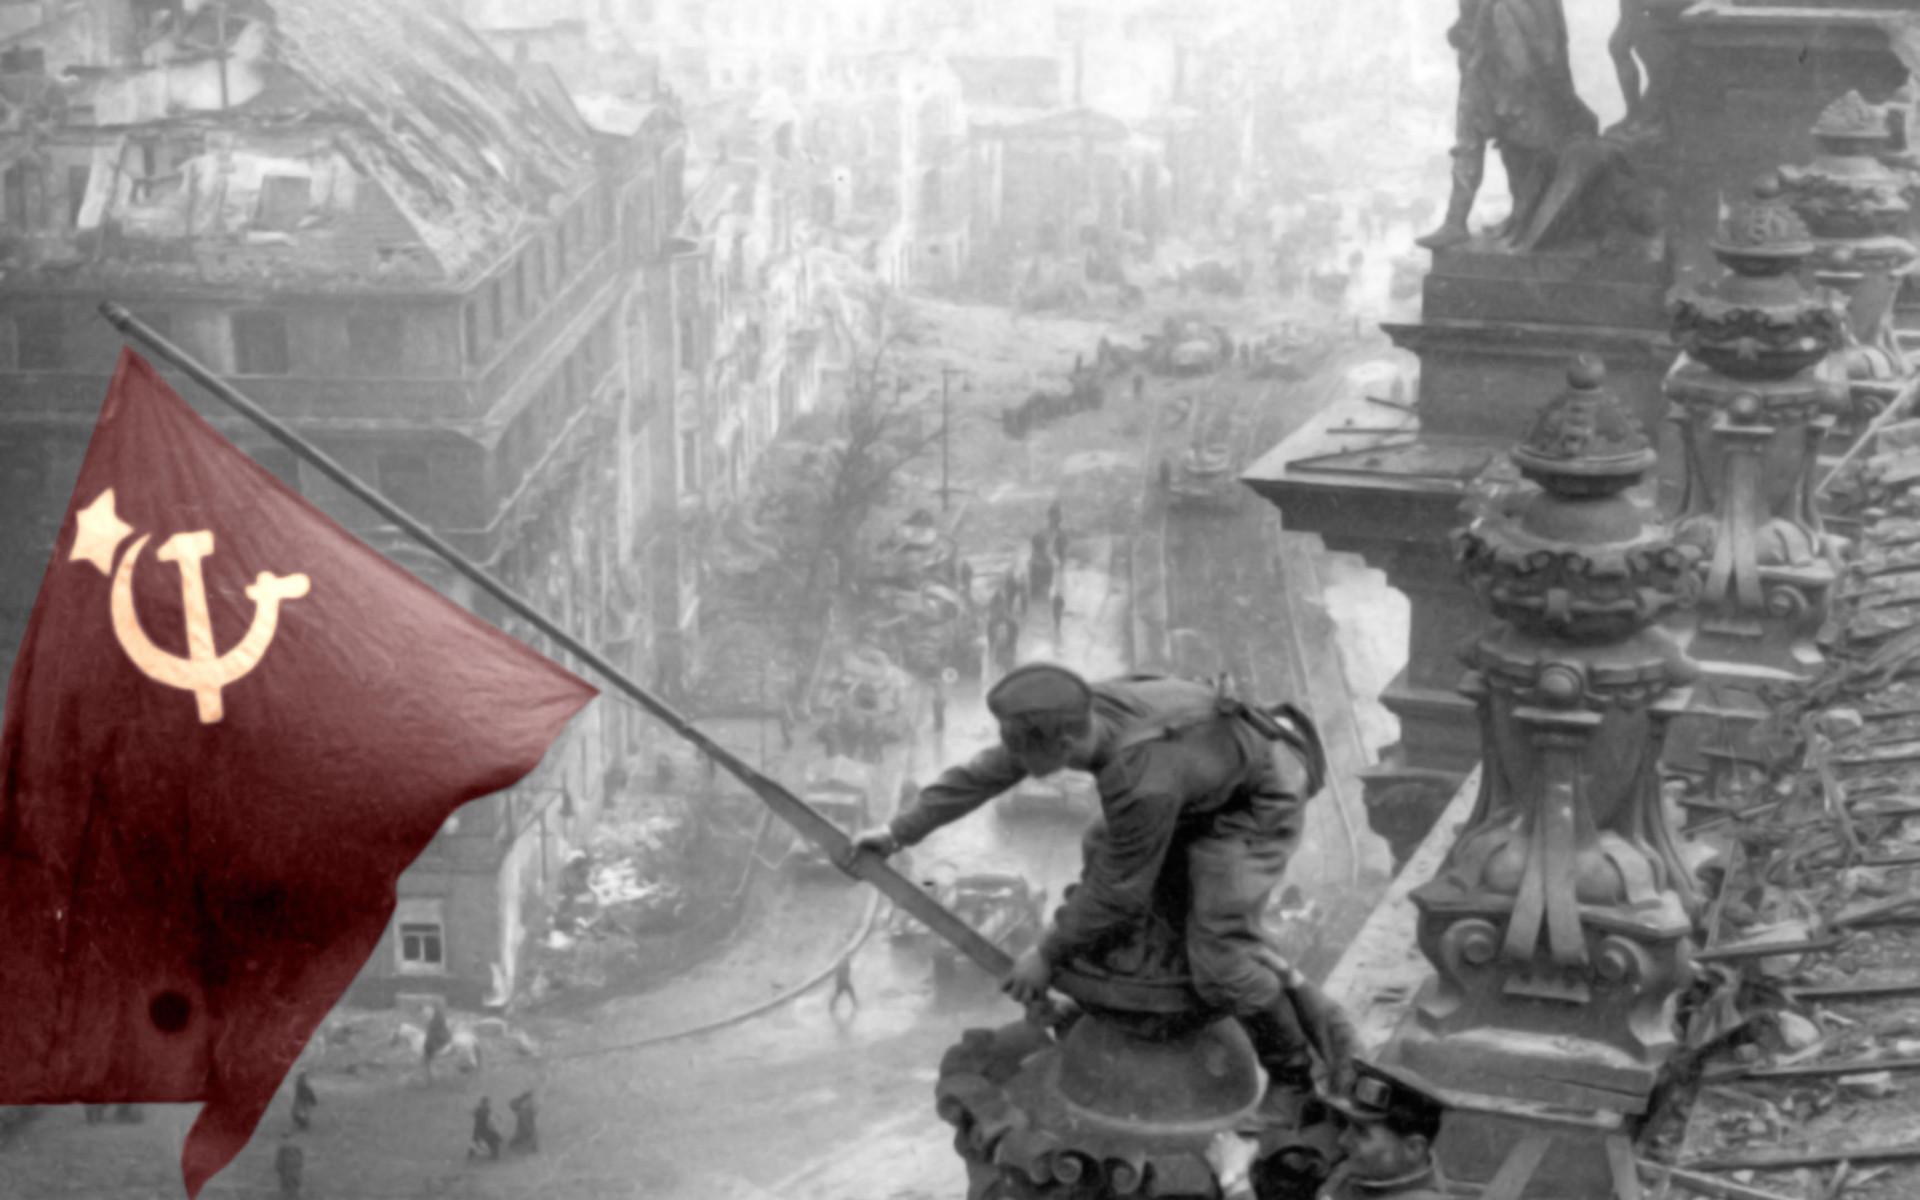 World war ii wallpaper 71 images - Anime war wallpaper ...